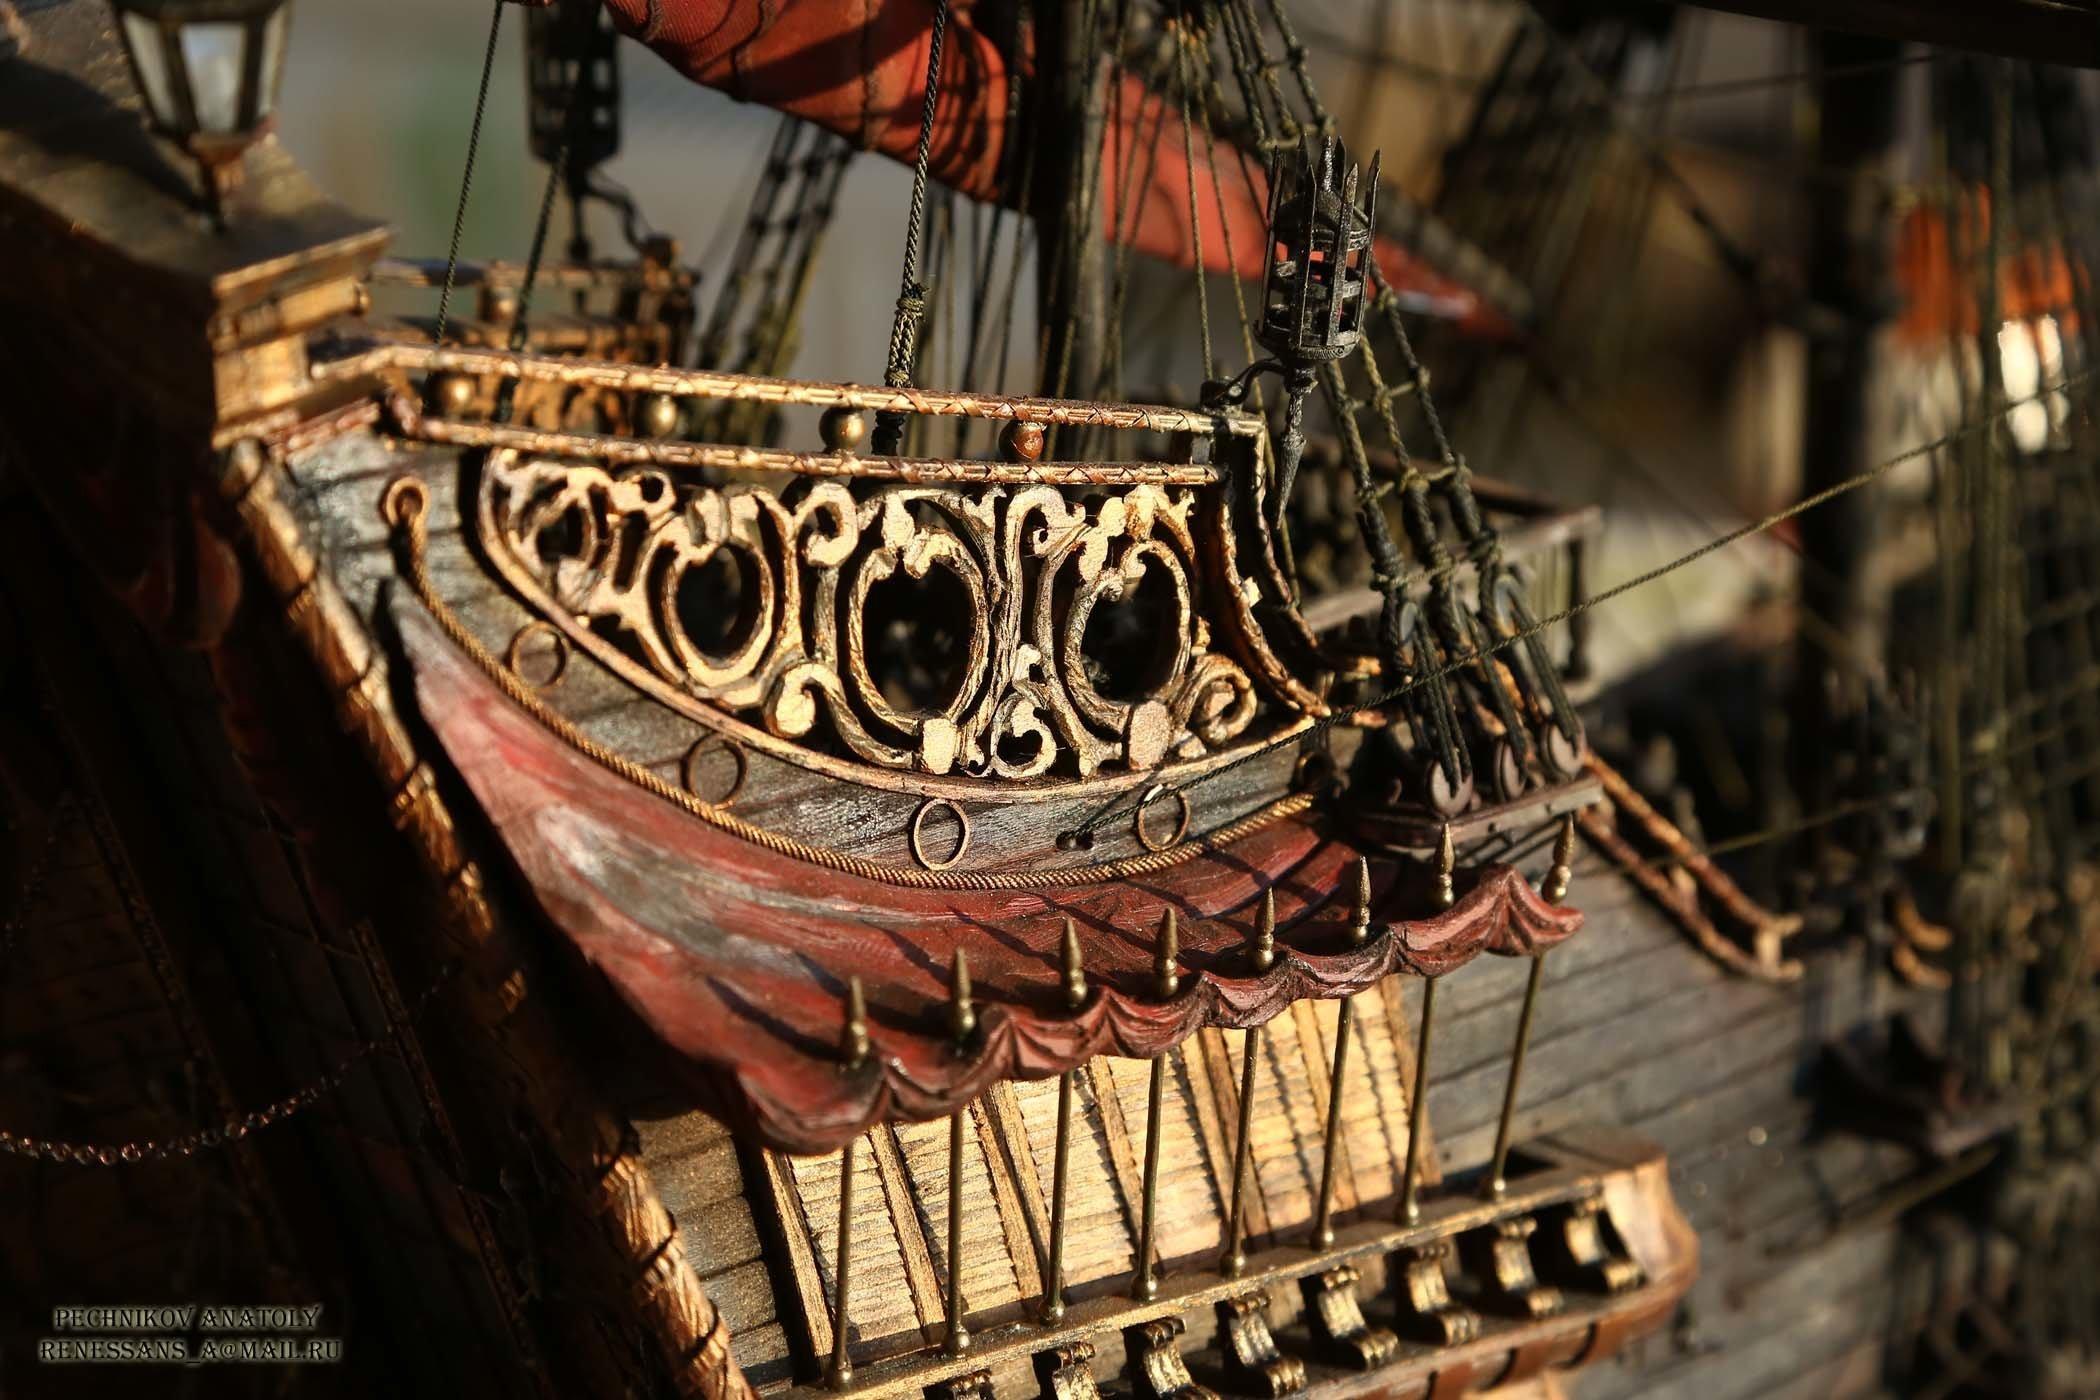 макеты пиратских кораблей фото выпуск это приквел